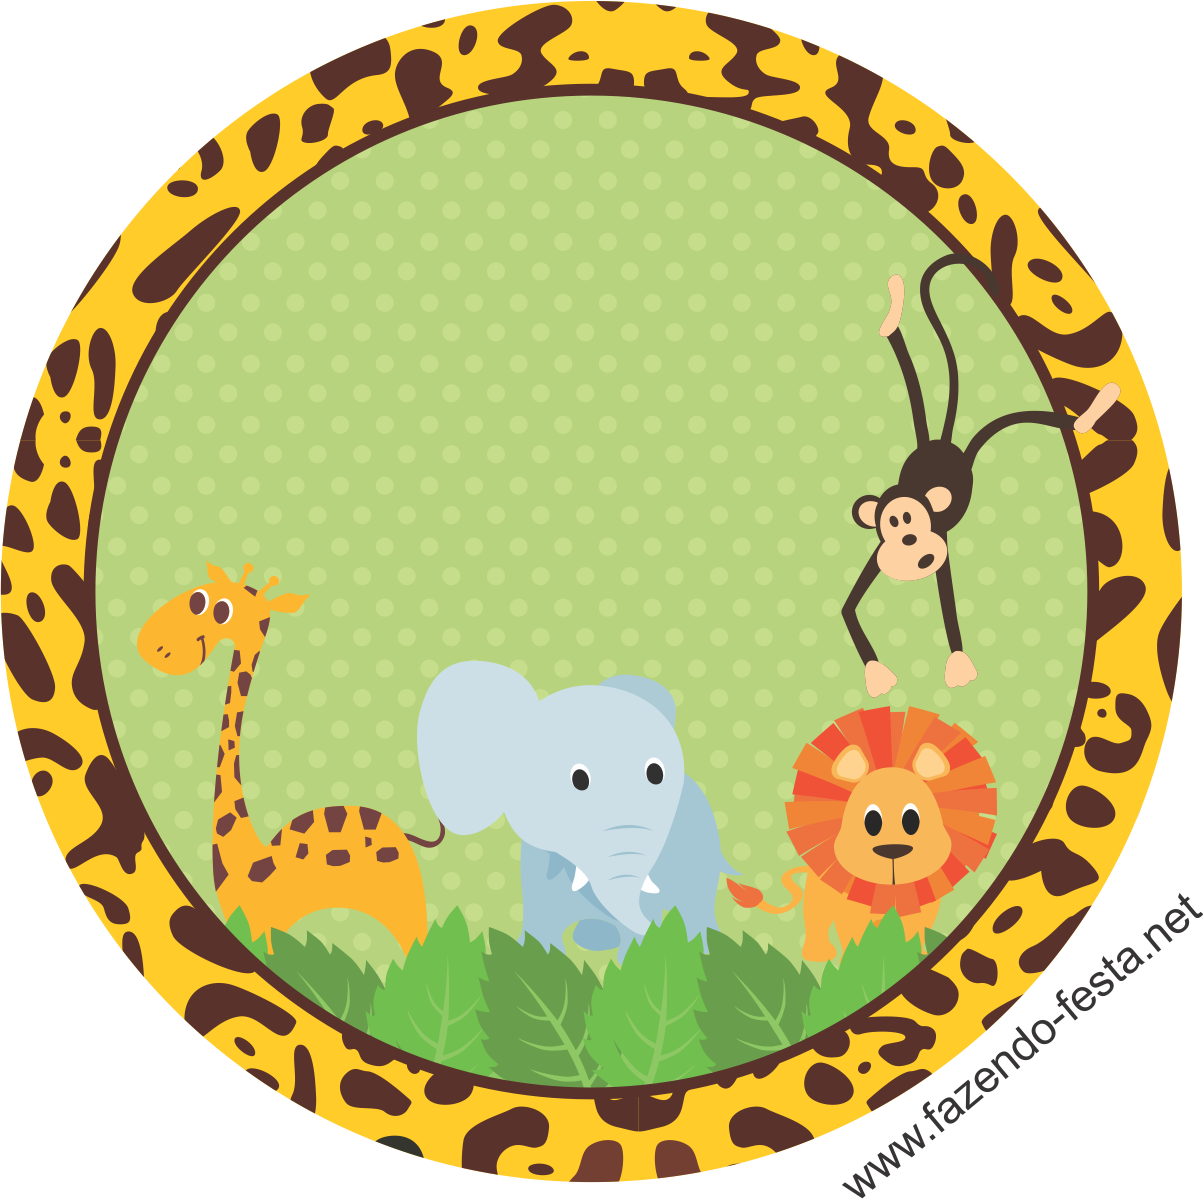 Adesivo Safari ~ kit festa safari adesivo sacolinha Festa Safari menino Pinterest Kit festa safari, Festa